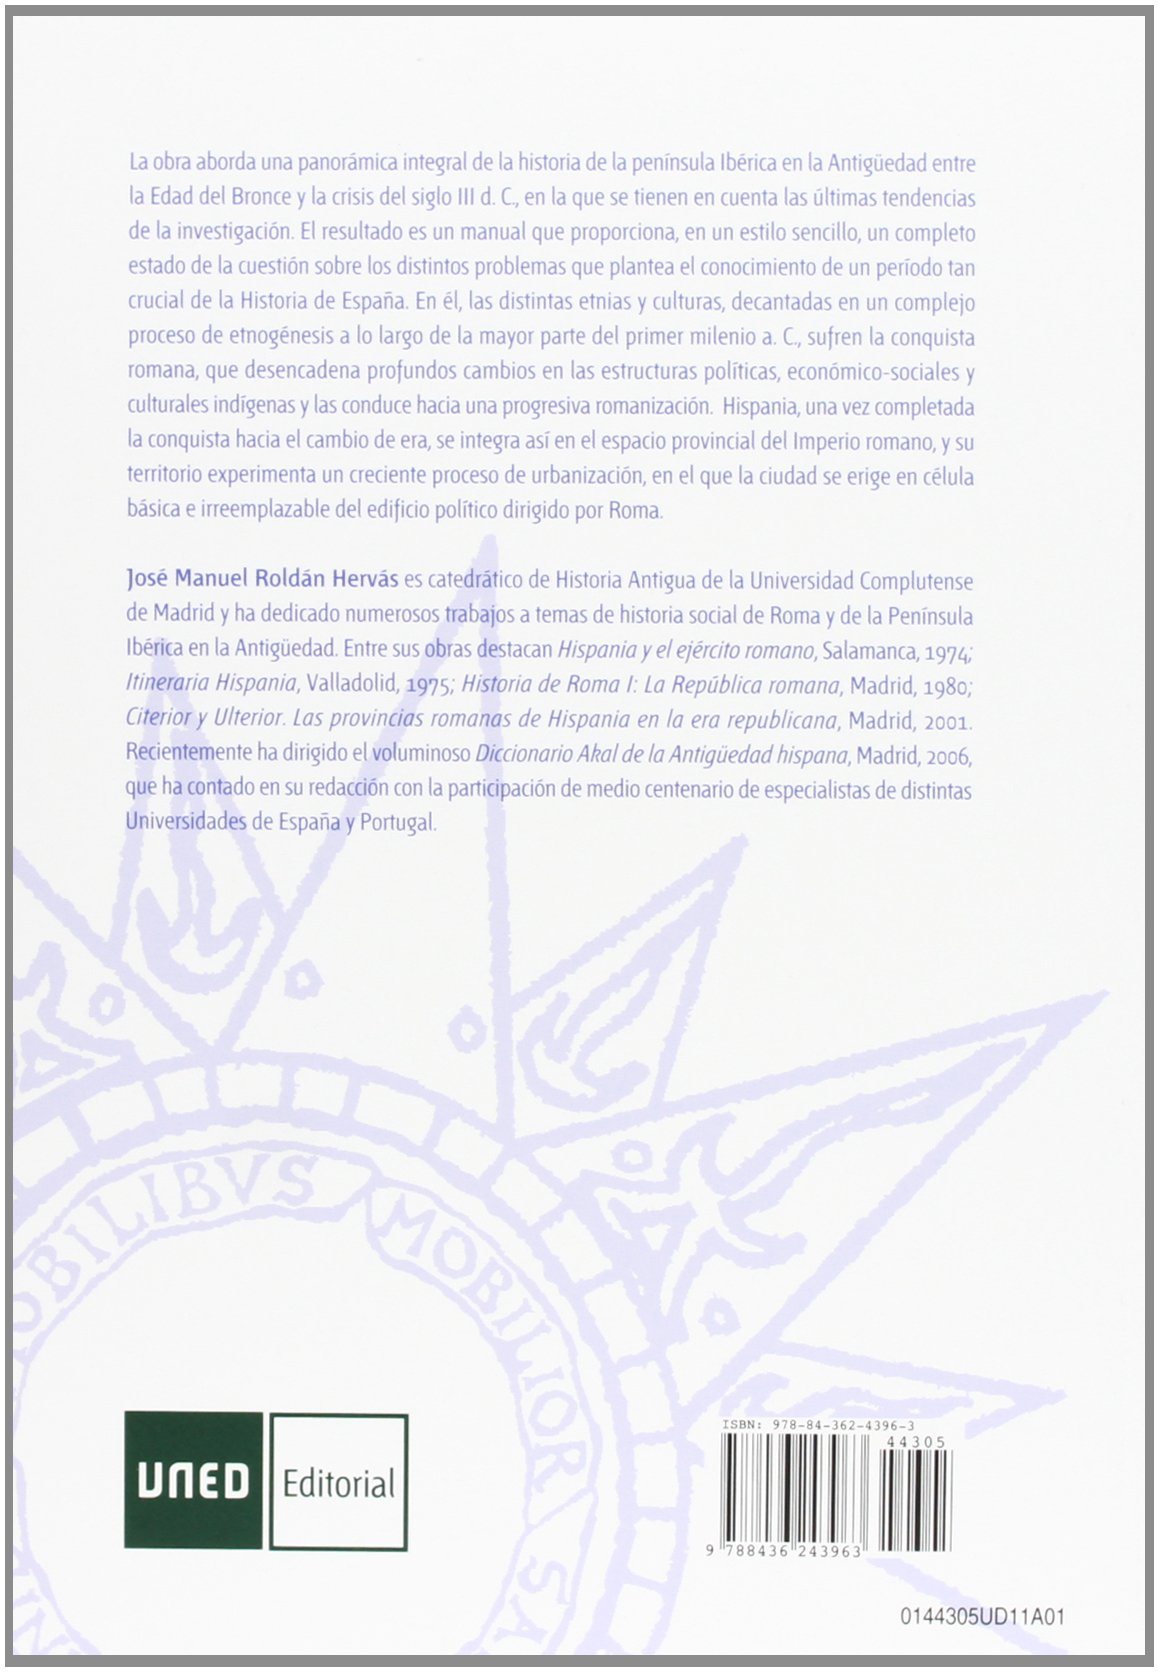 Historia antigua de España I. Iberia prerromana, hispania republicana y alto imperial UNIDAD DIDÁCTICA: Amazon.es: Roldán Hervás, José Manuel: Libros